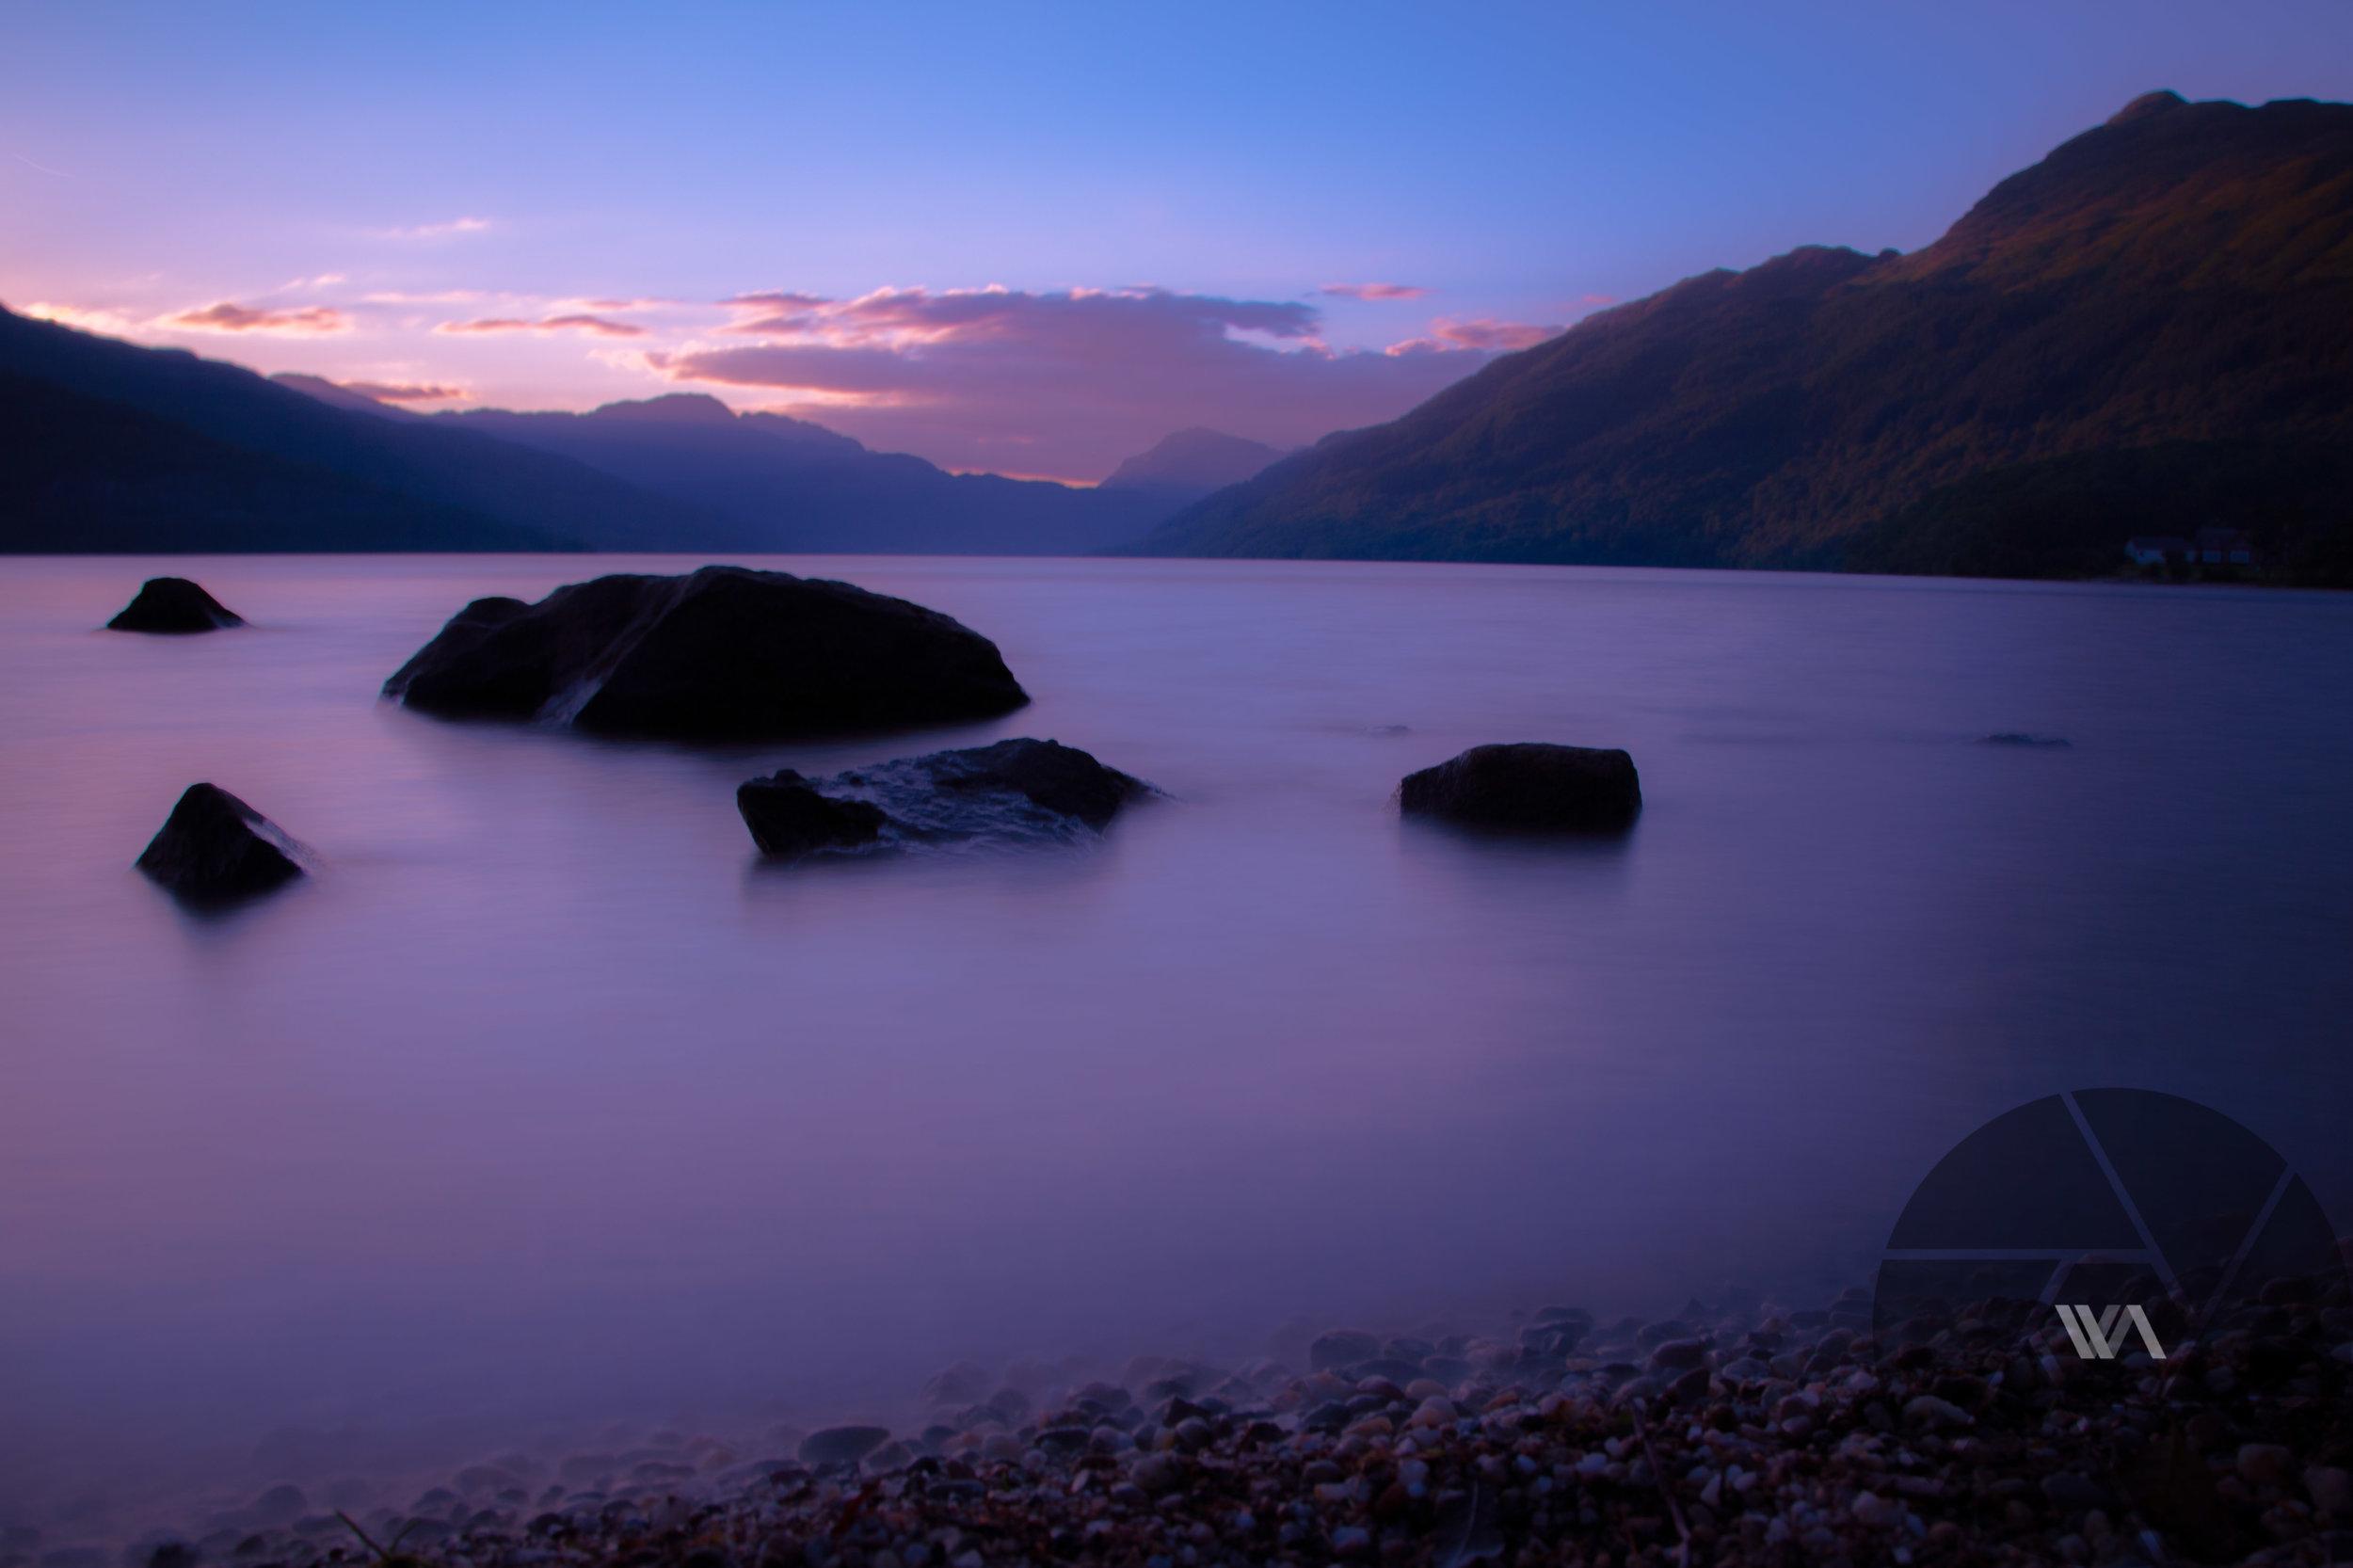 Long exposure at Loch Lomond